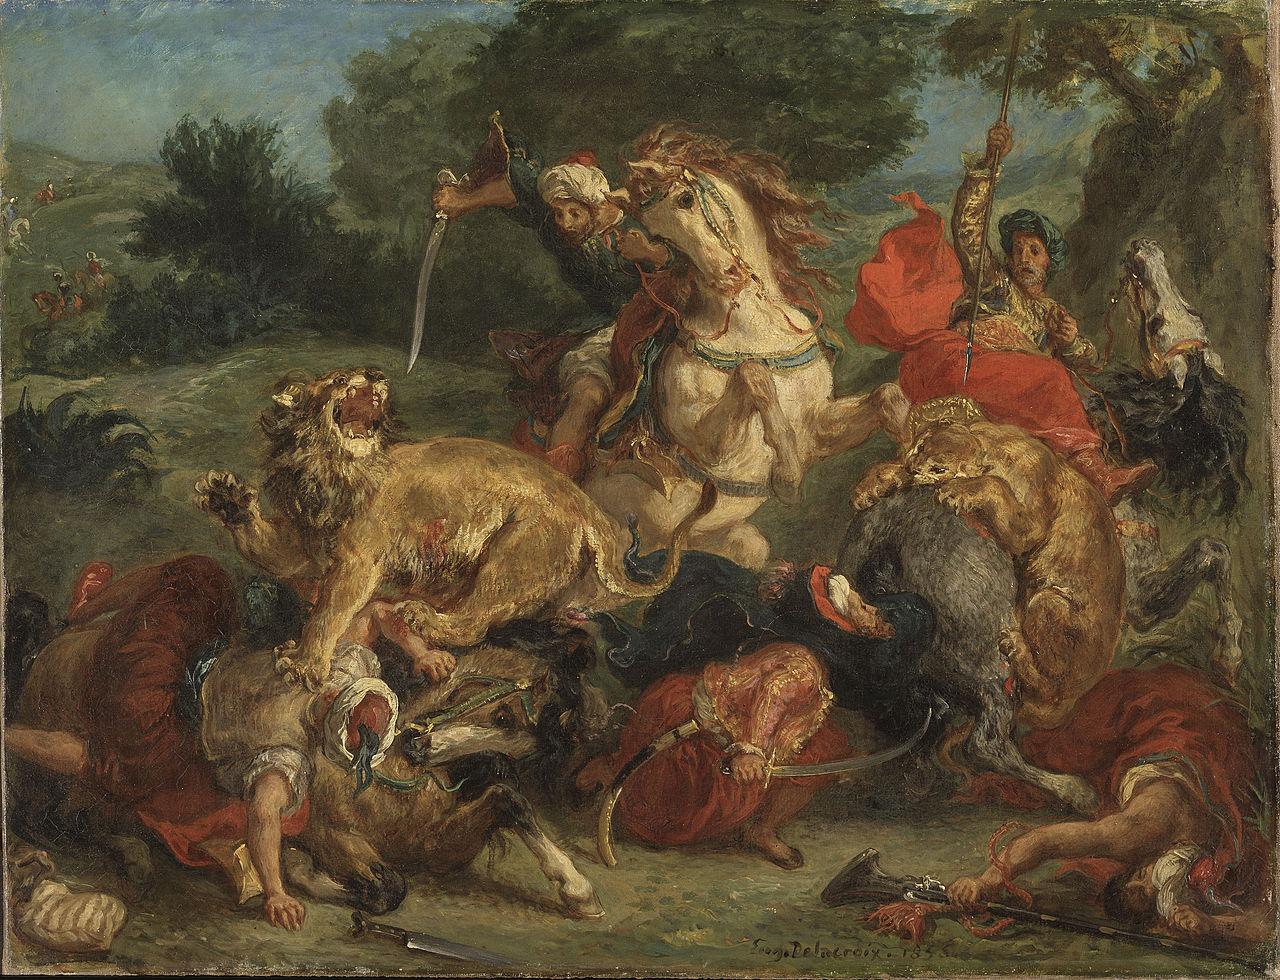 Lion Hunt, 1855, Delacroix Eugène, France